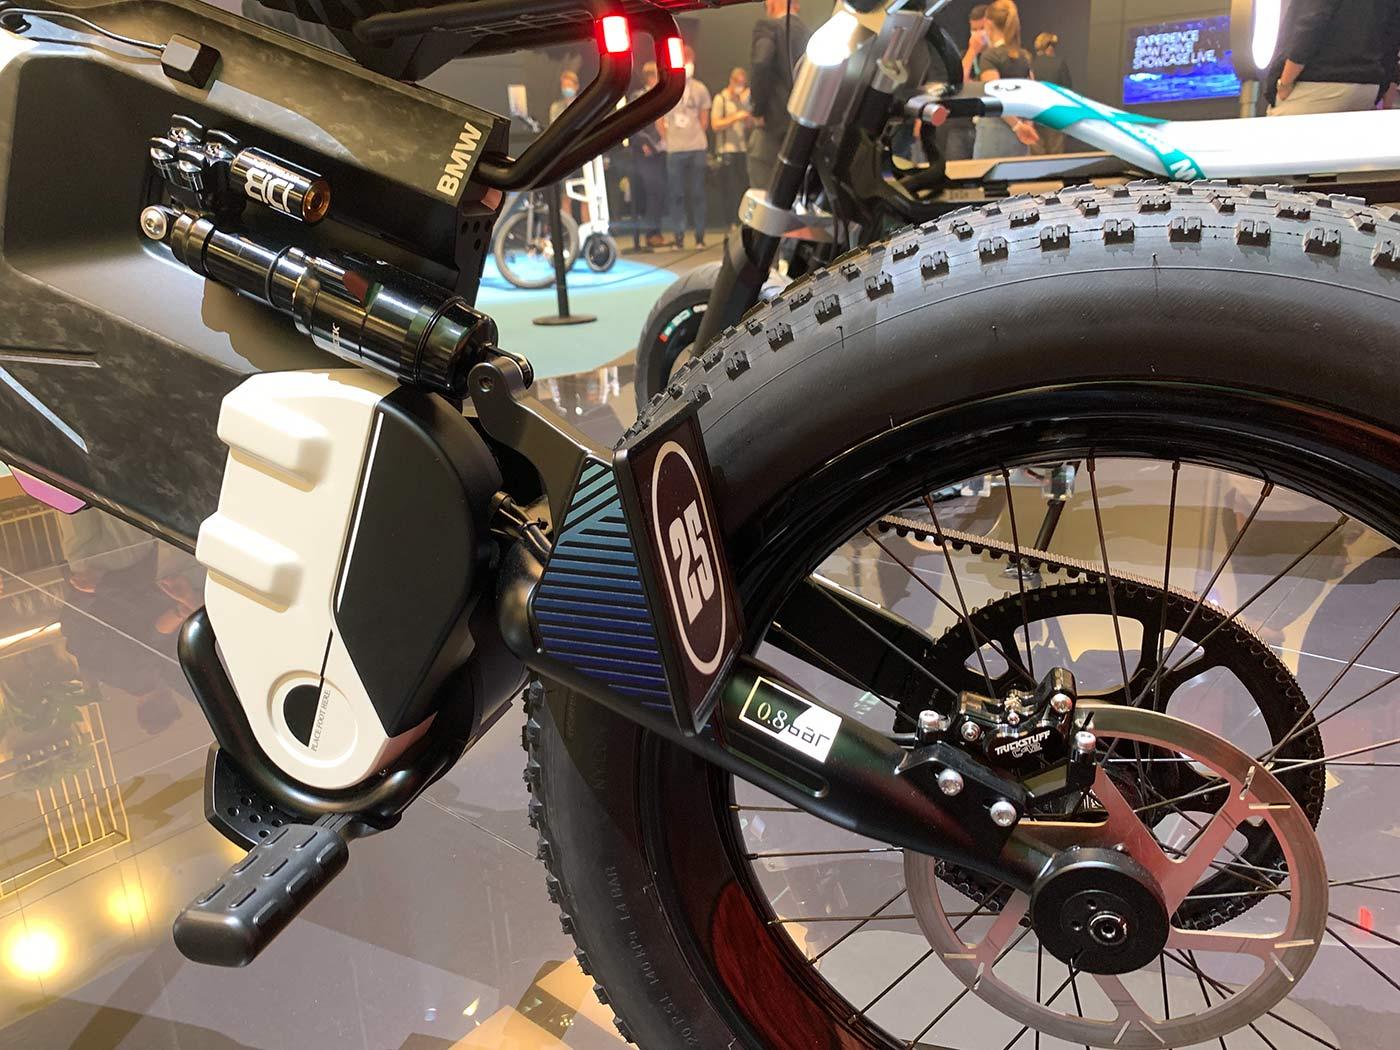 cane creek rear shock on BMW e-moto concept dirt bike